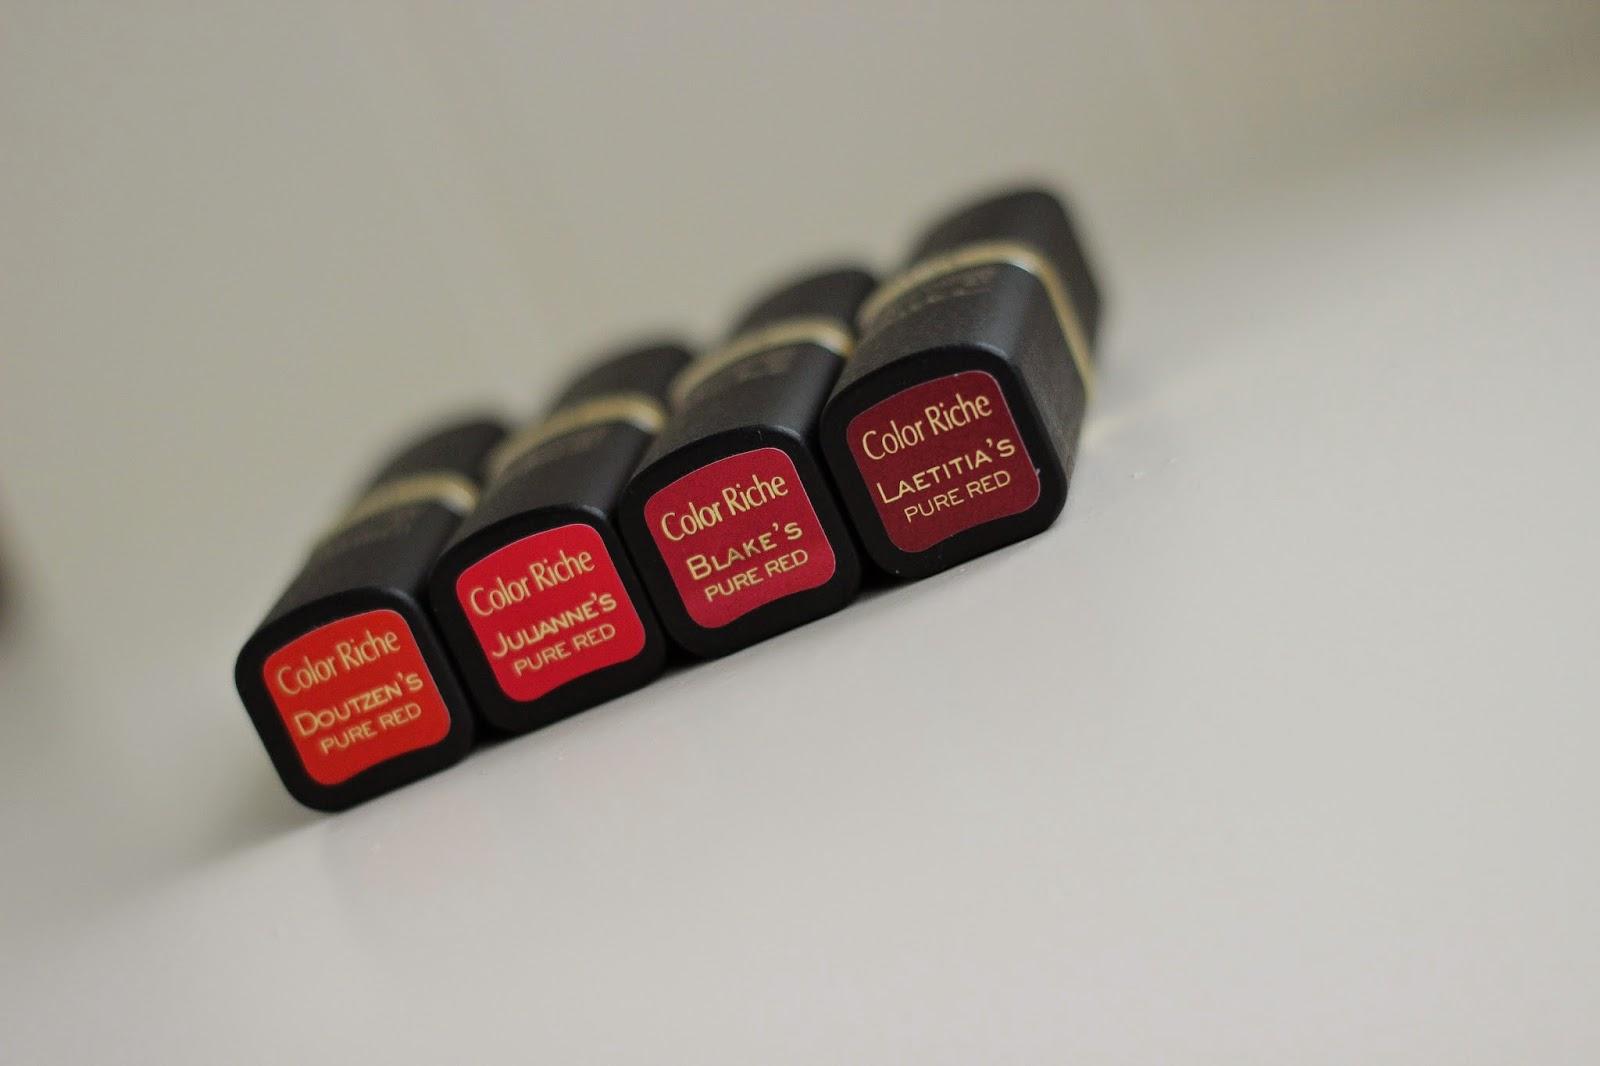 l'oréal color riche collection exclusive pure red